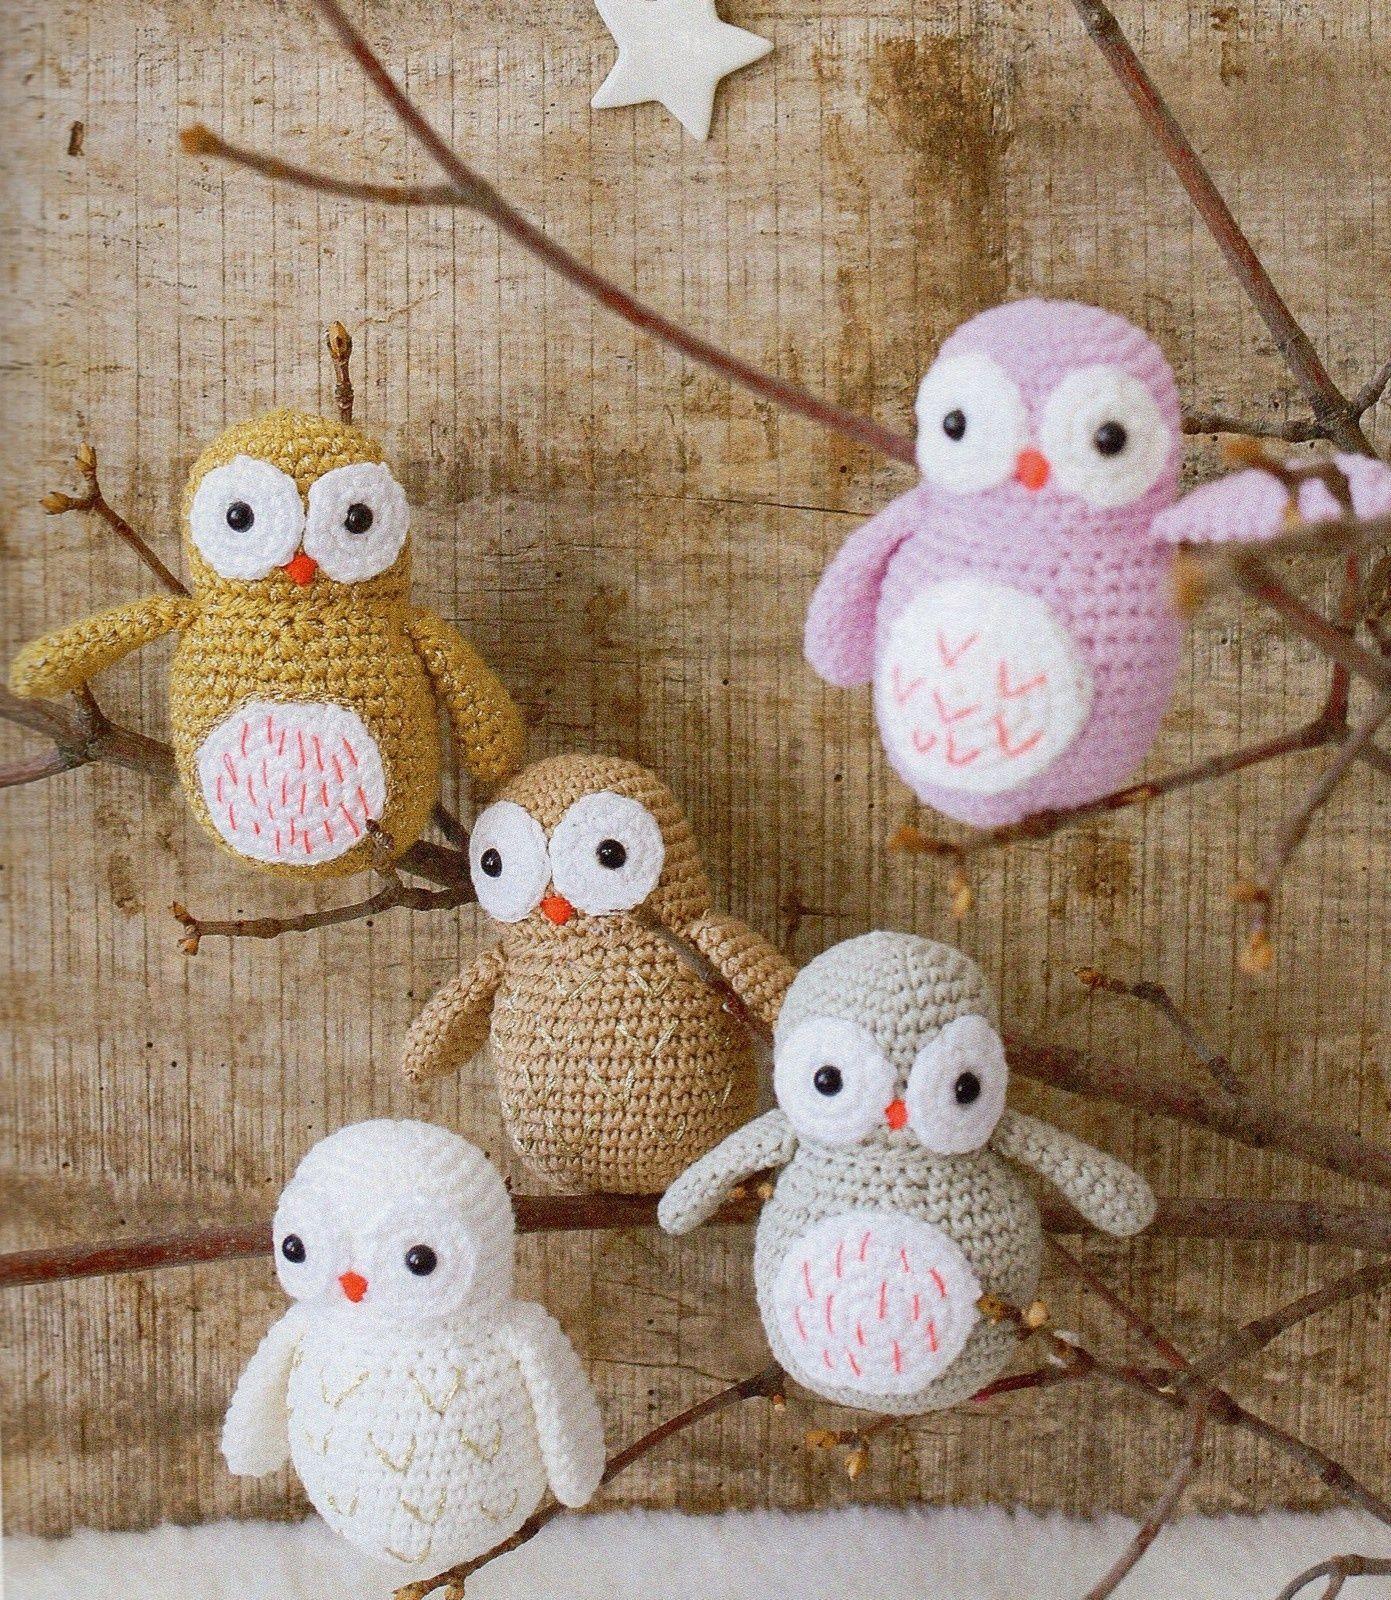 Tutoriel crochet - Chouette | owls | Pinterest | Häkeln